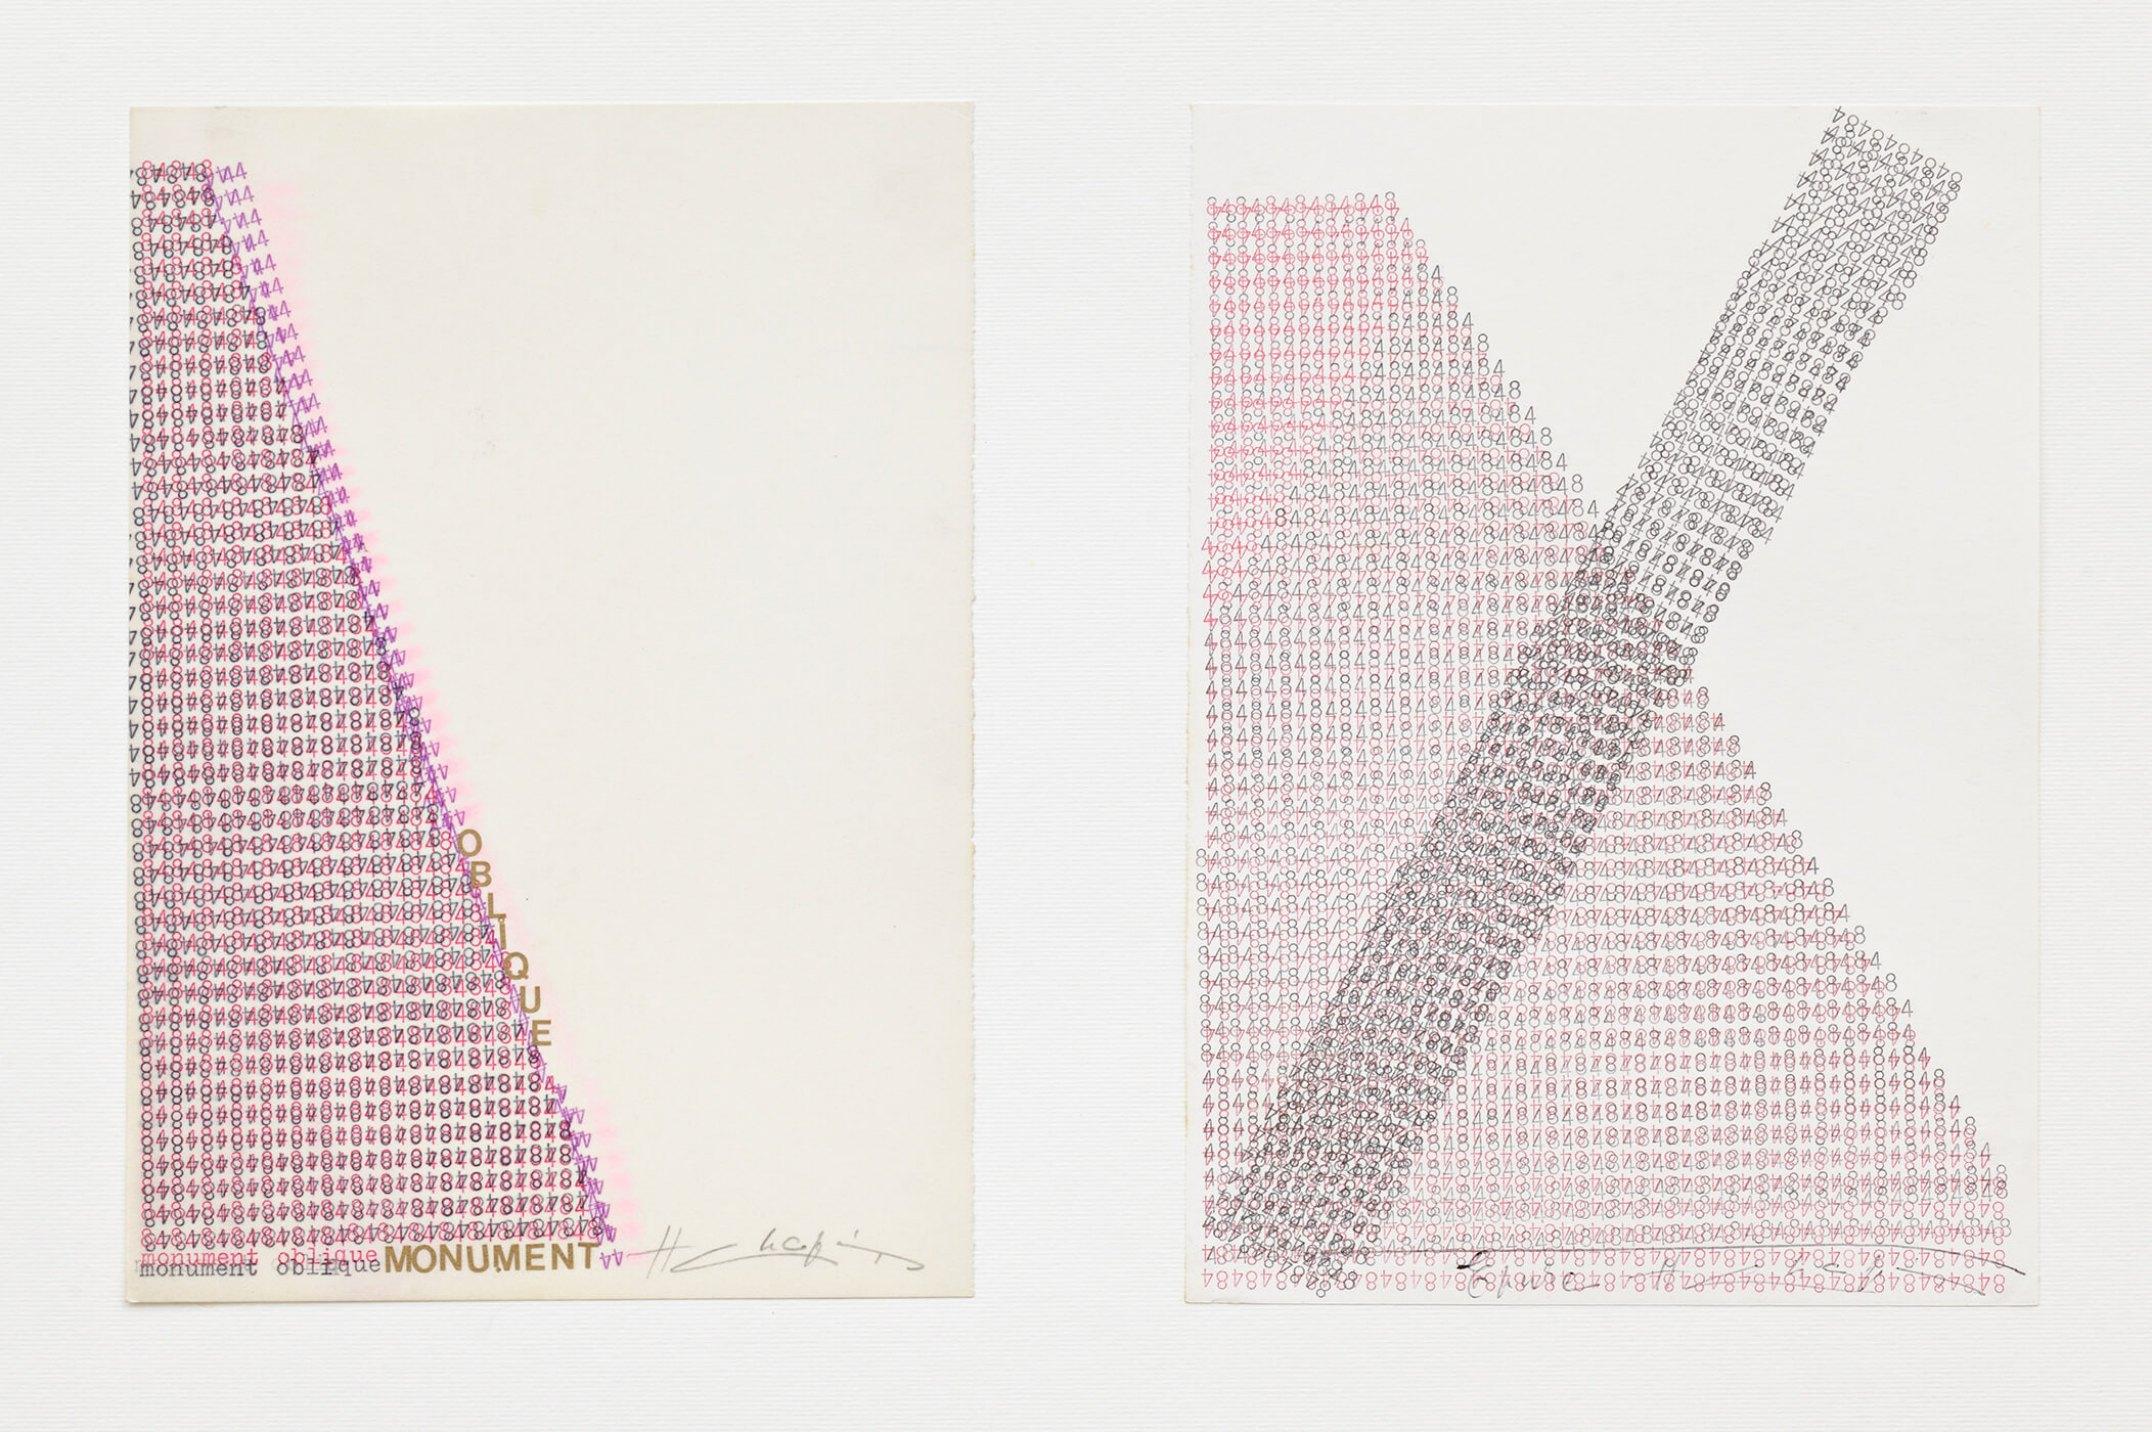 Henri Chopin,&nbsp;<em>monument oblique</em>, 1984, ink on paper (typewritten poems), 29,7 × 21 cm - Mendes Wood DM